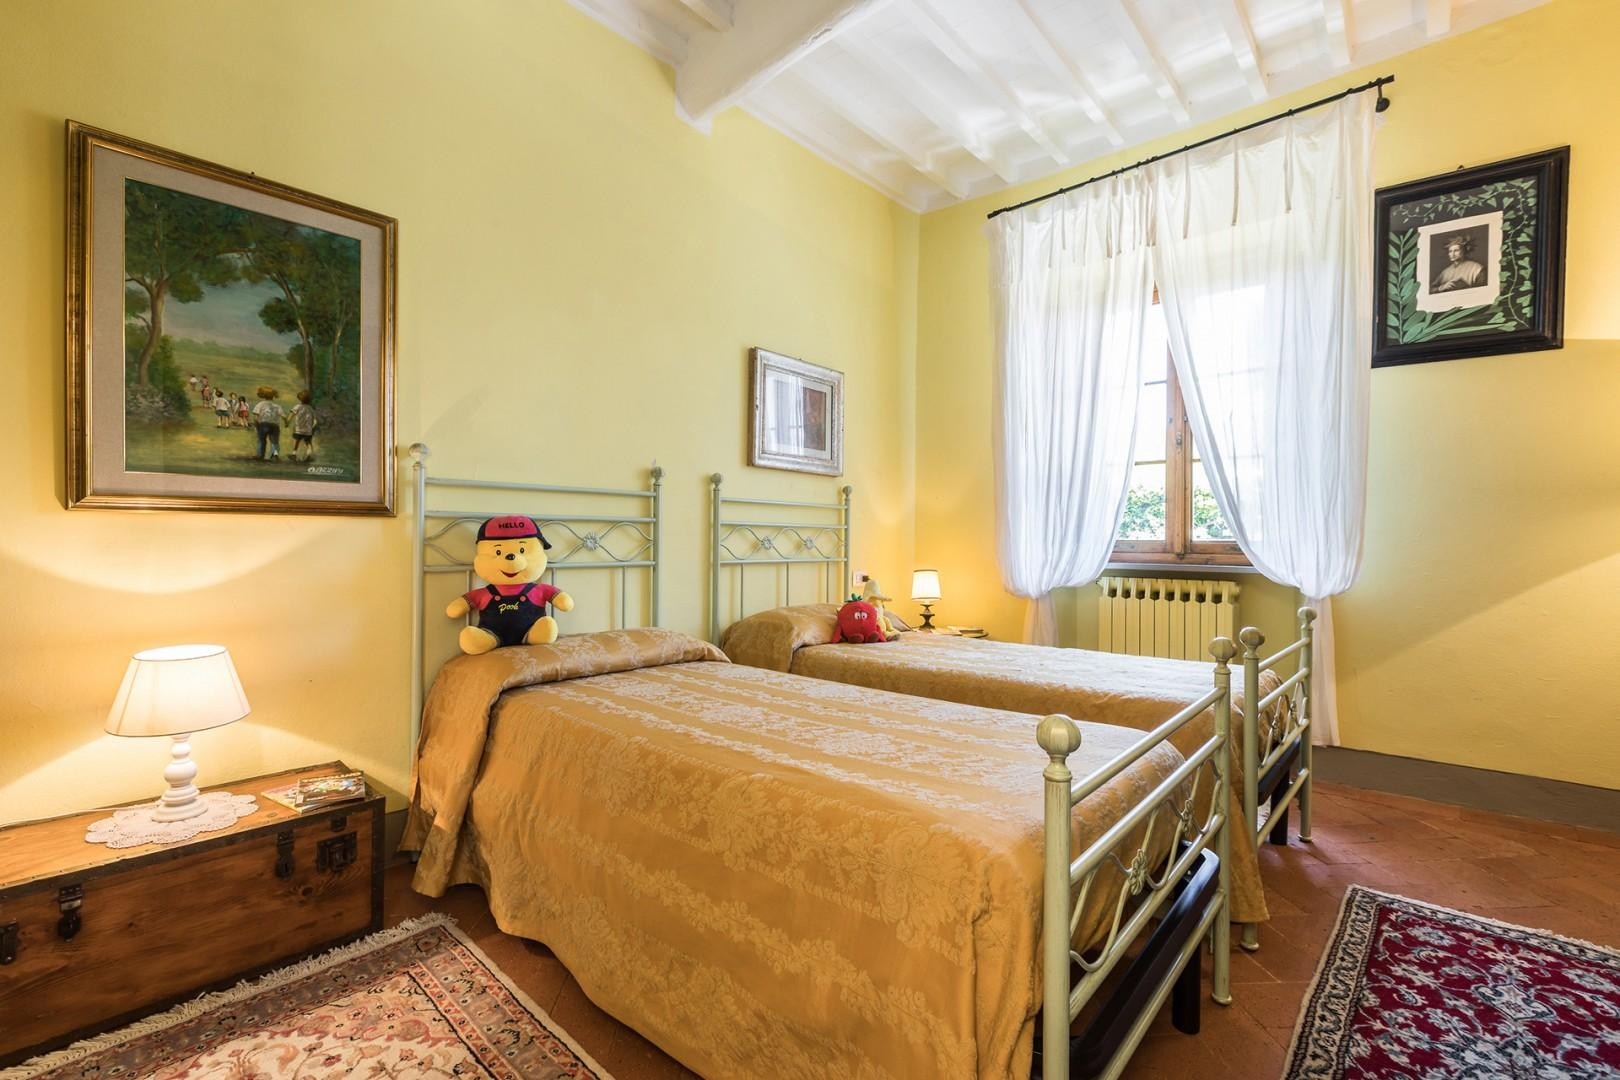 Bedroom 4 with combinable beds and en suite bathroom.